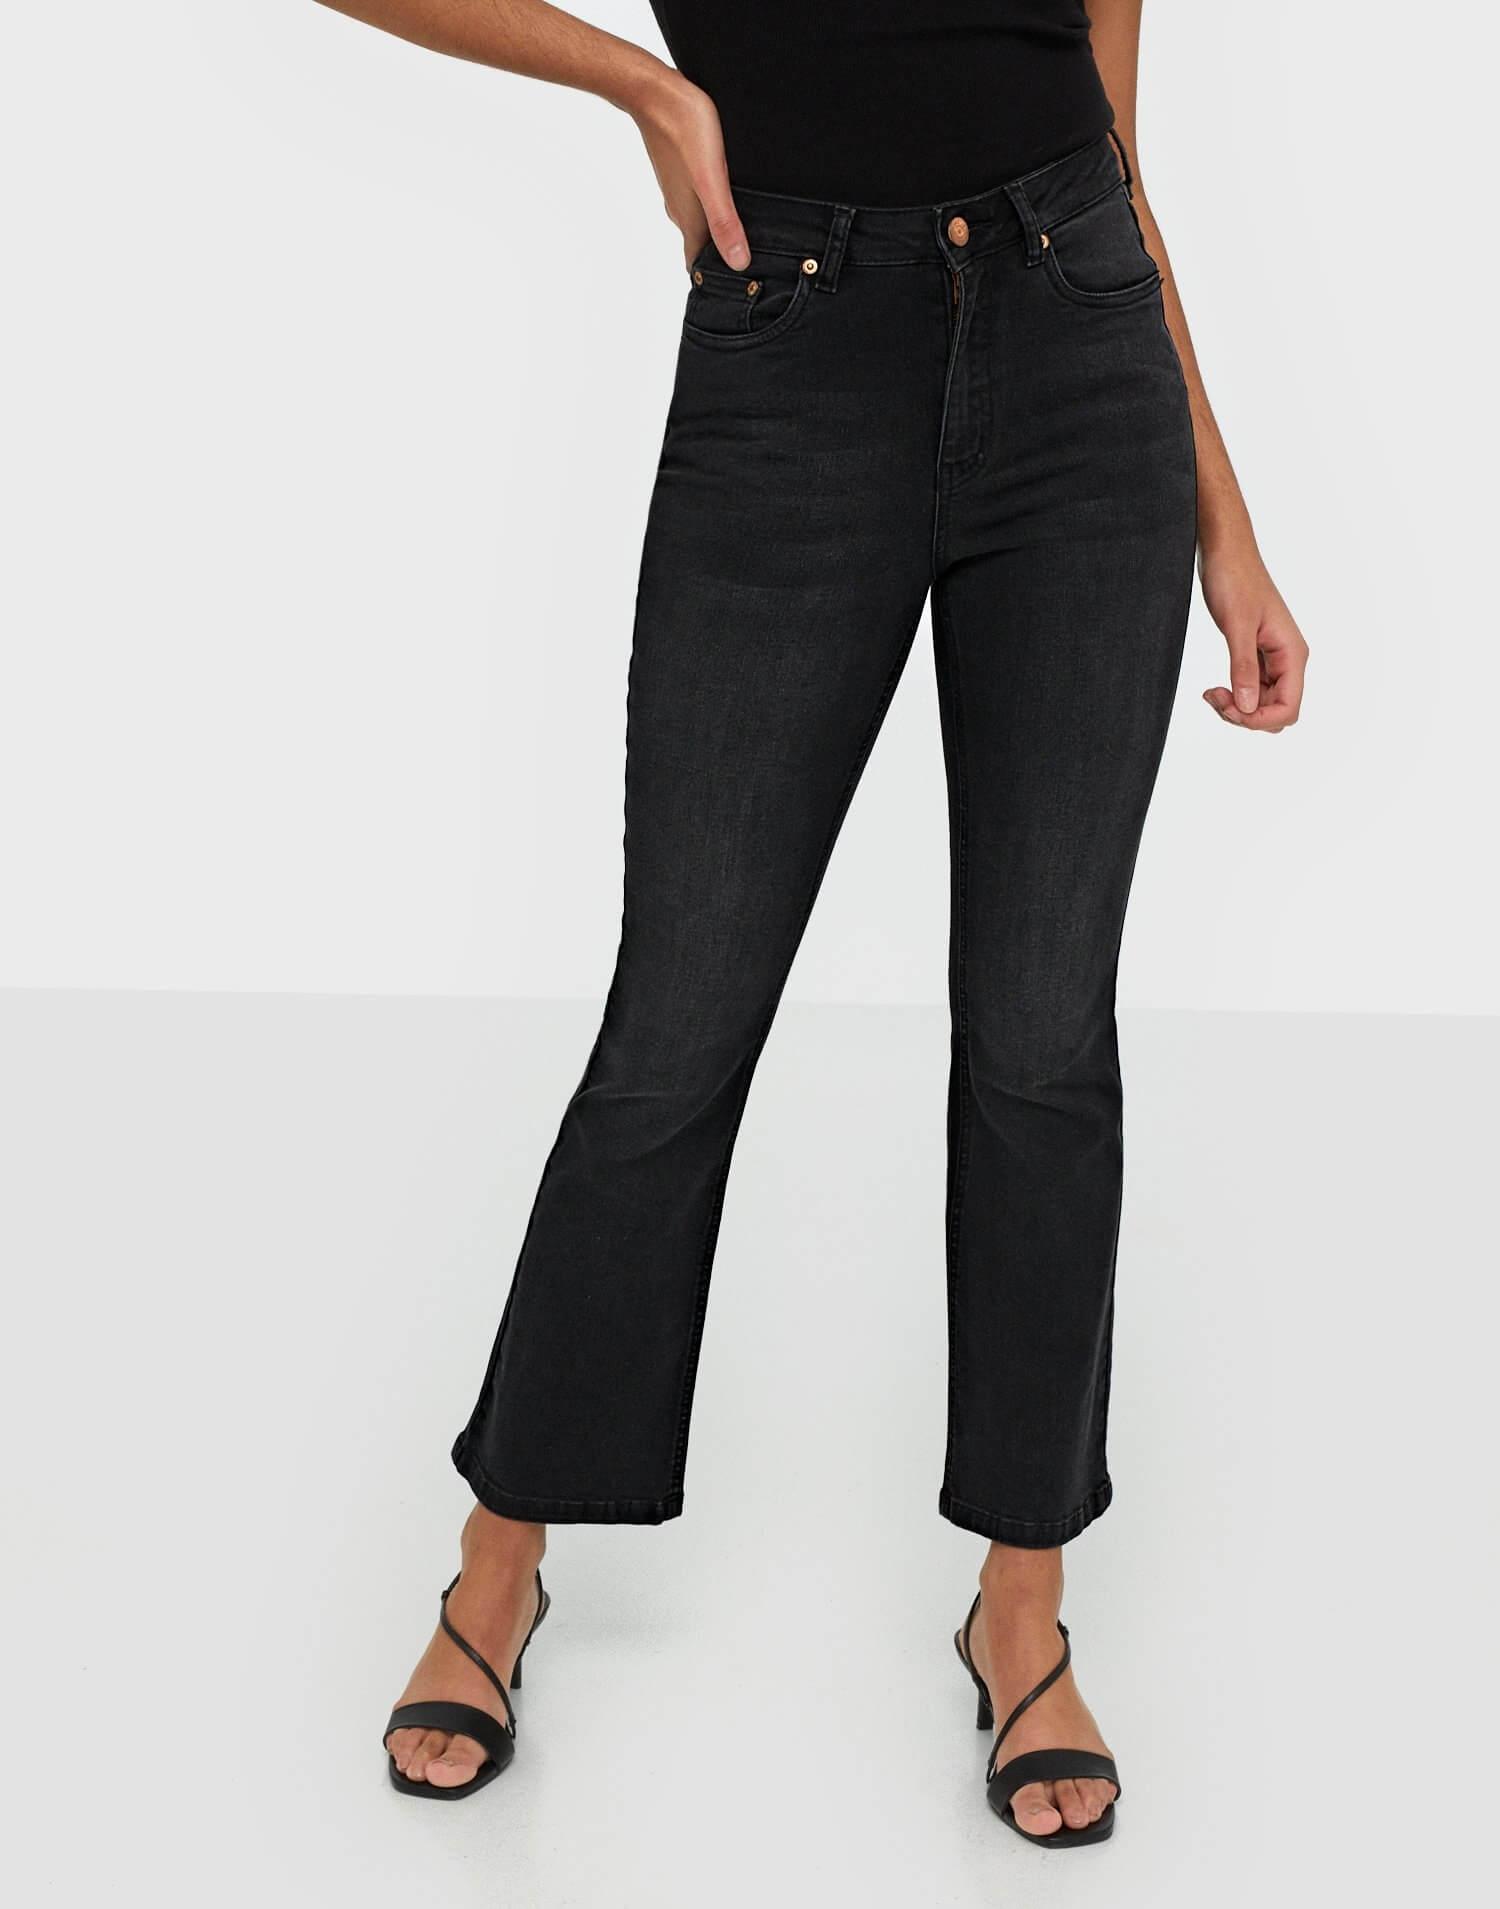 Svarta jeans i flare fit från Gestuz.